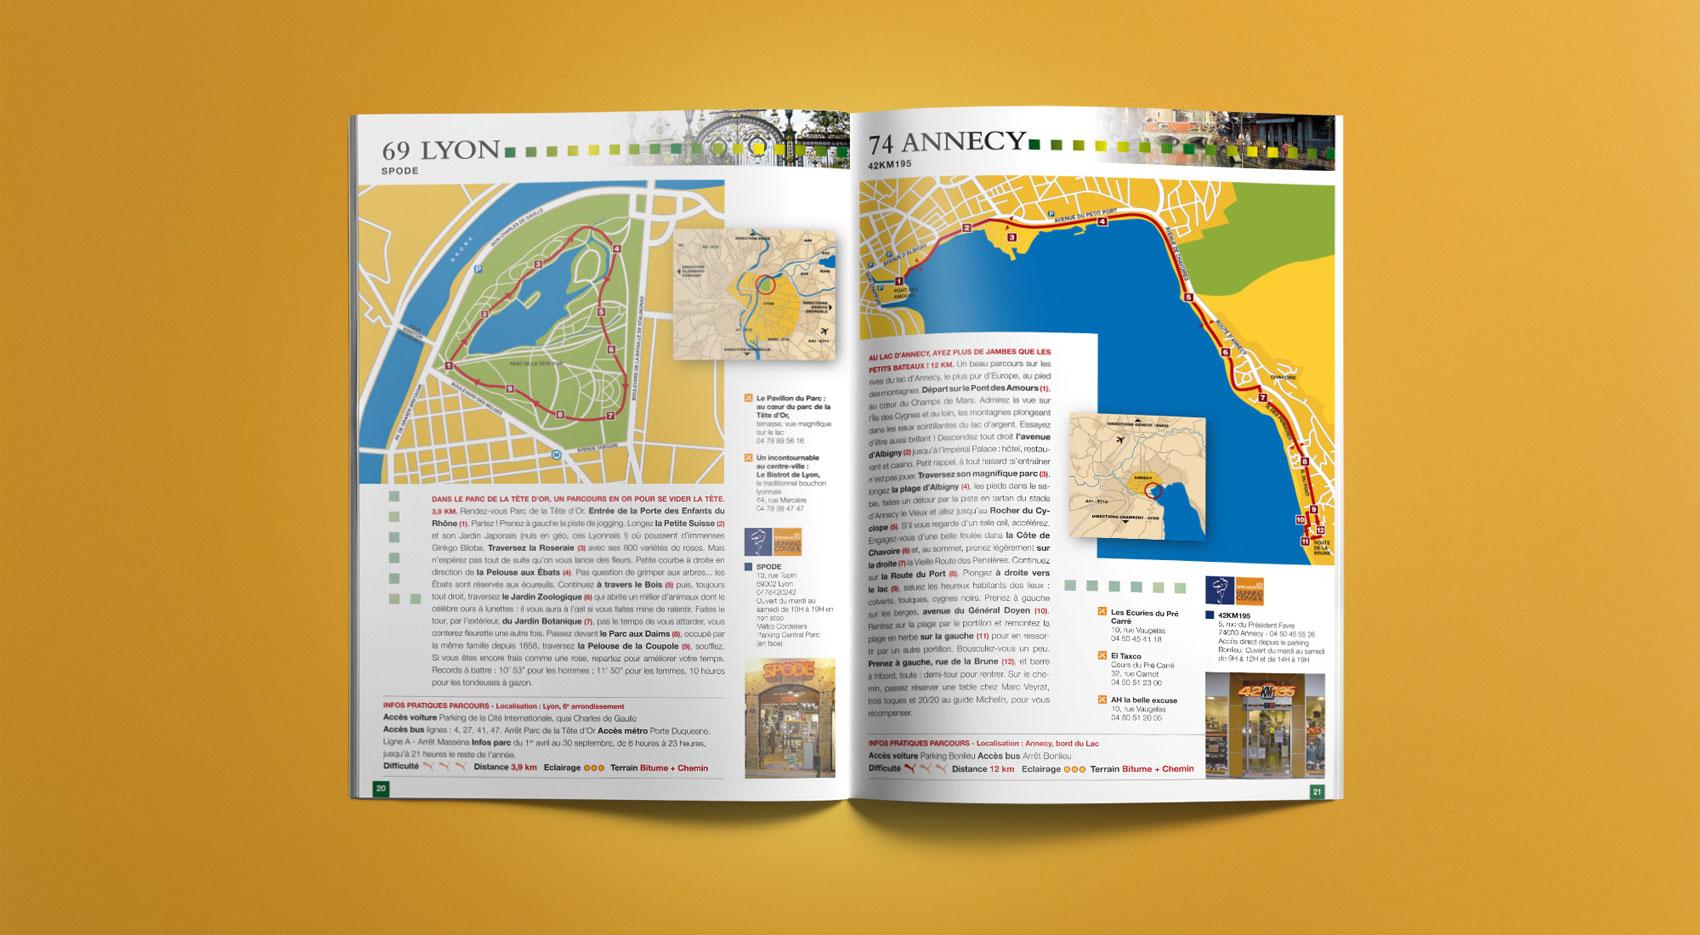 puma-travel-guide-6